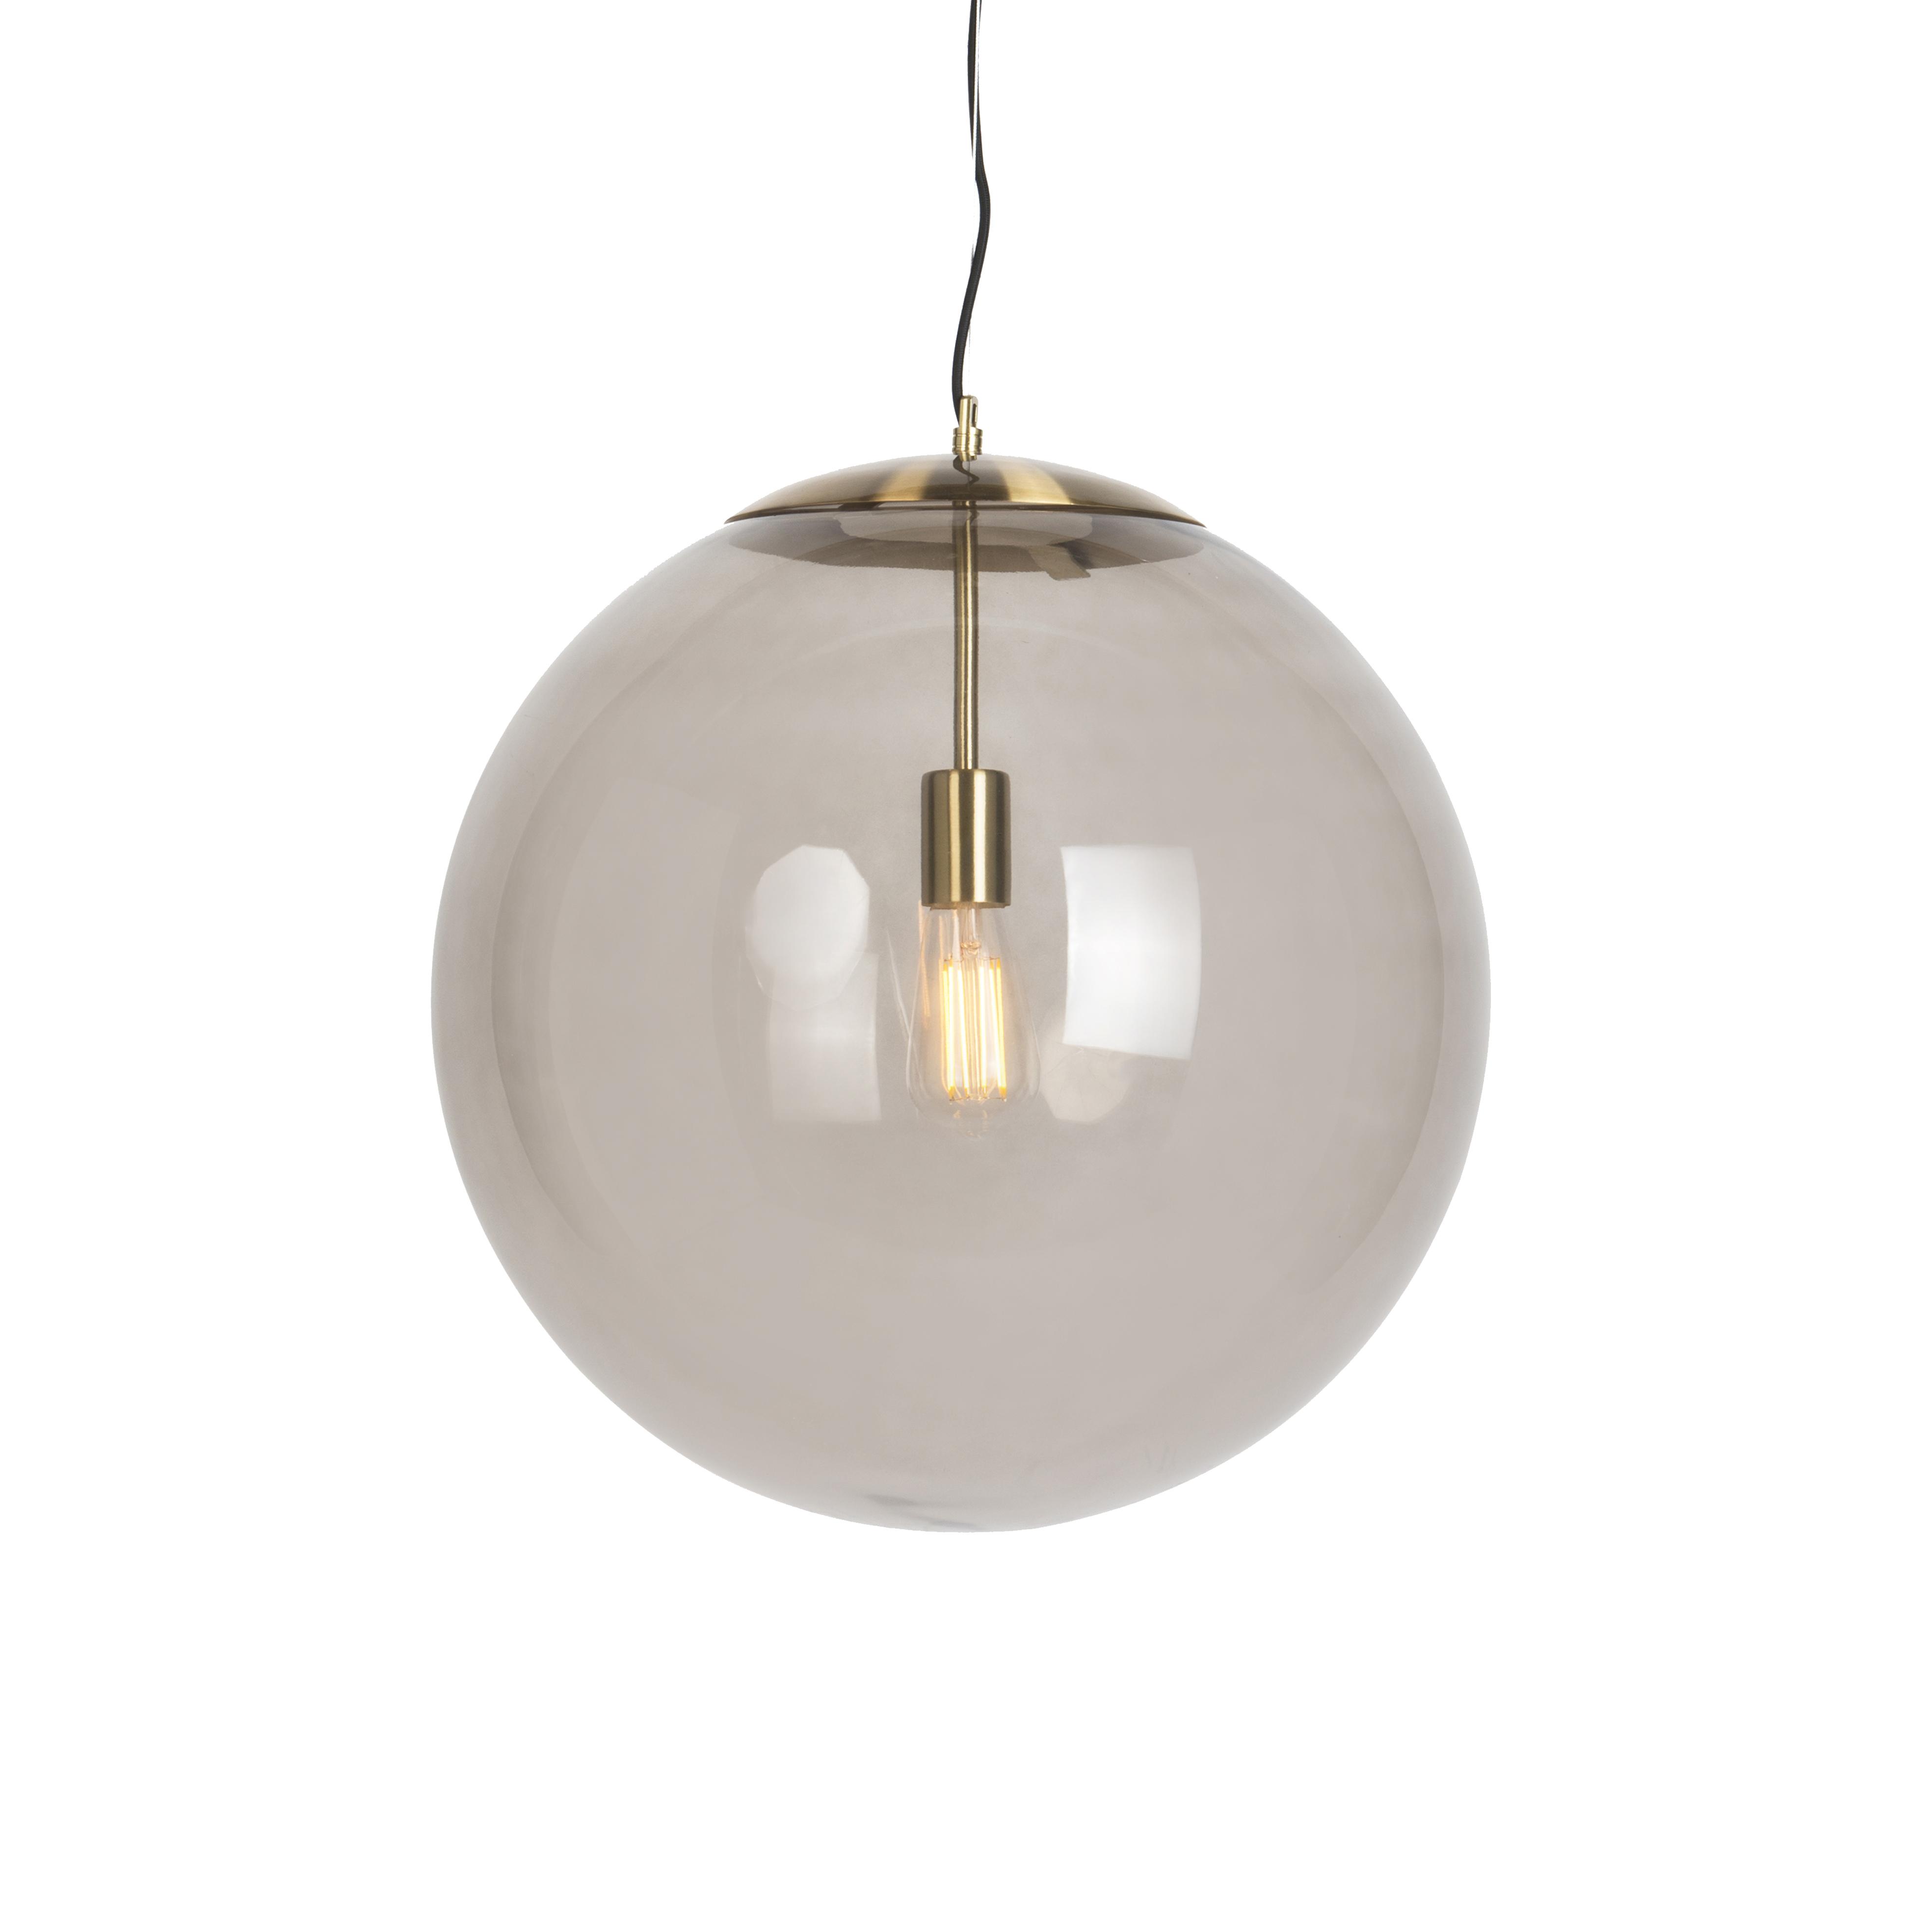 Moderne hanglamp messing met smoke glas 50 cm Ball